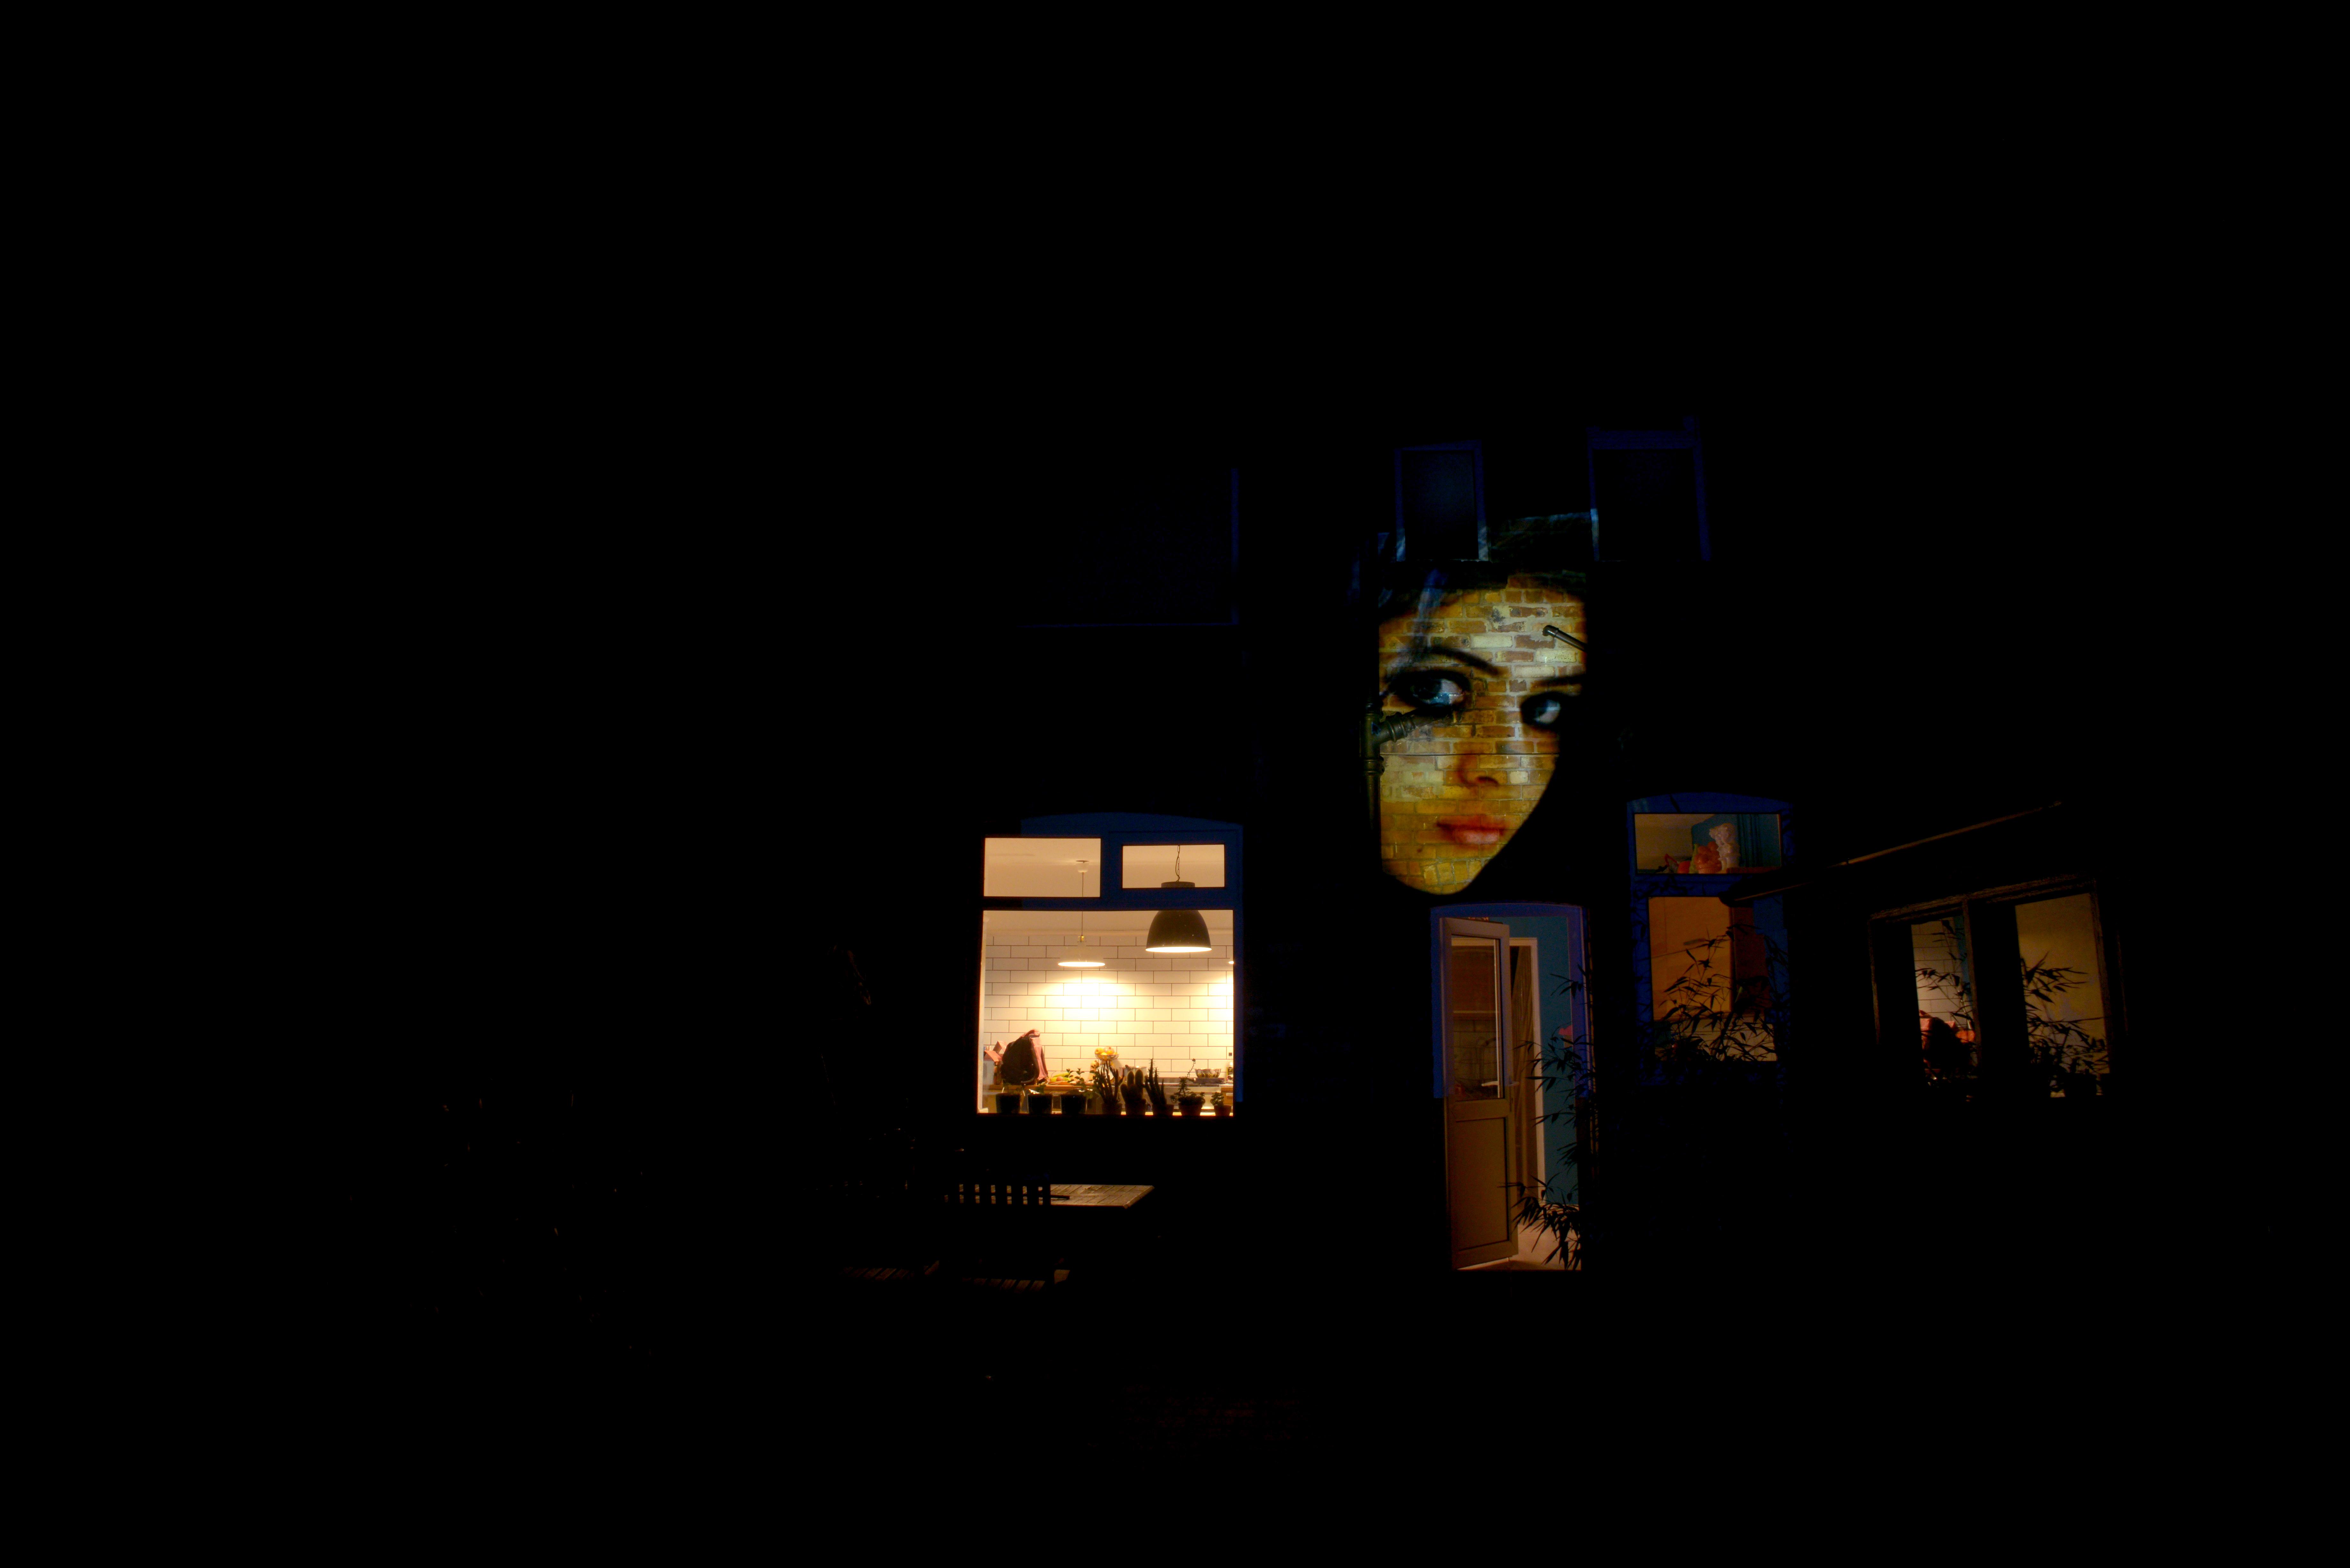 gilr on house